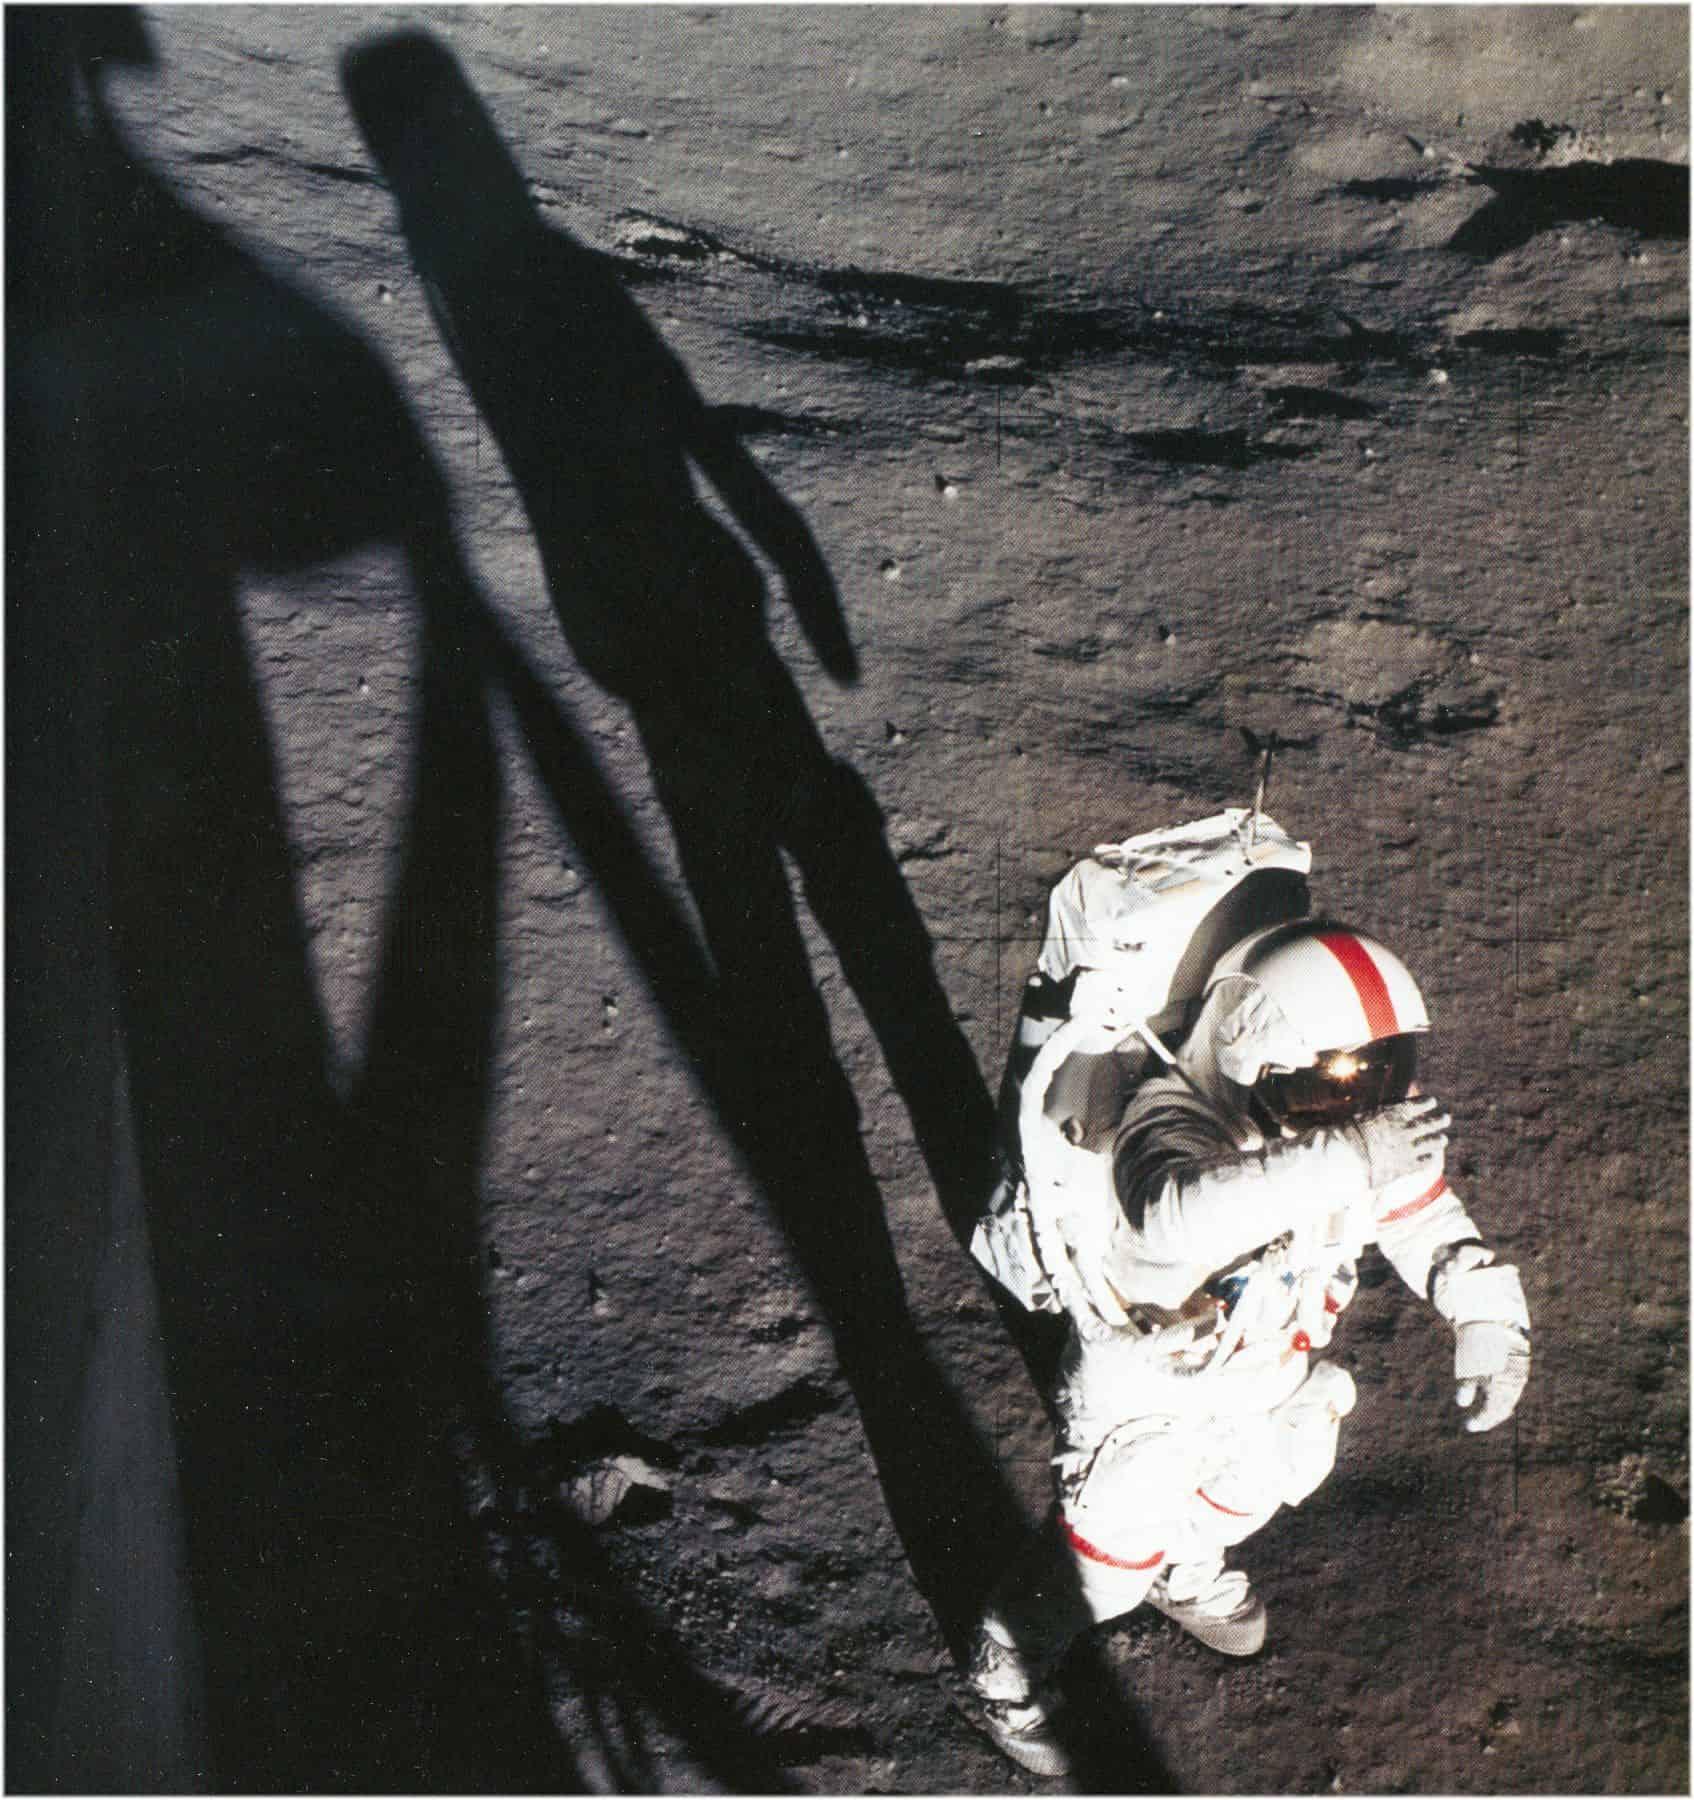 Mondlandung 1969 mit dem Astronauten Neil Armstrong und seinem analogen Omega Speedmaster Chronographen